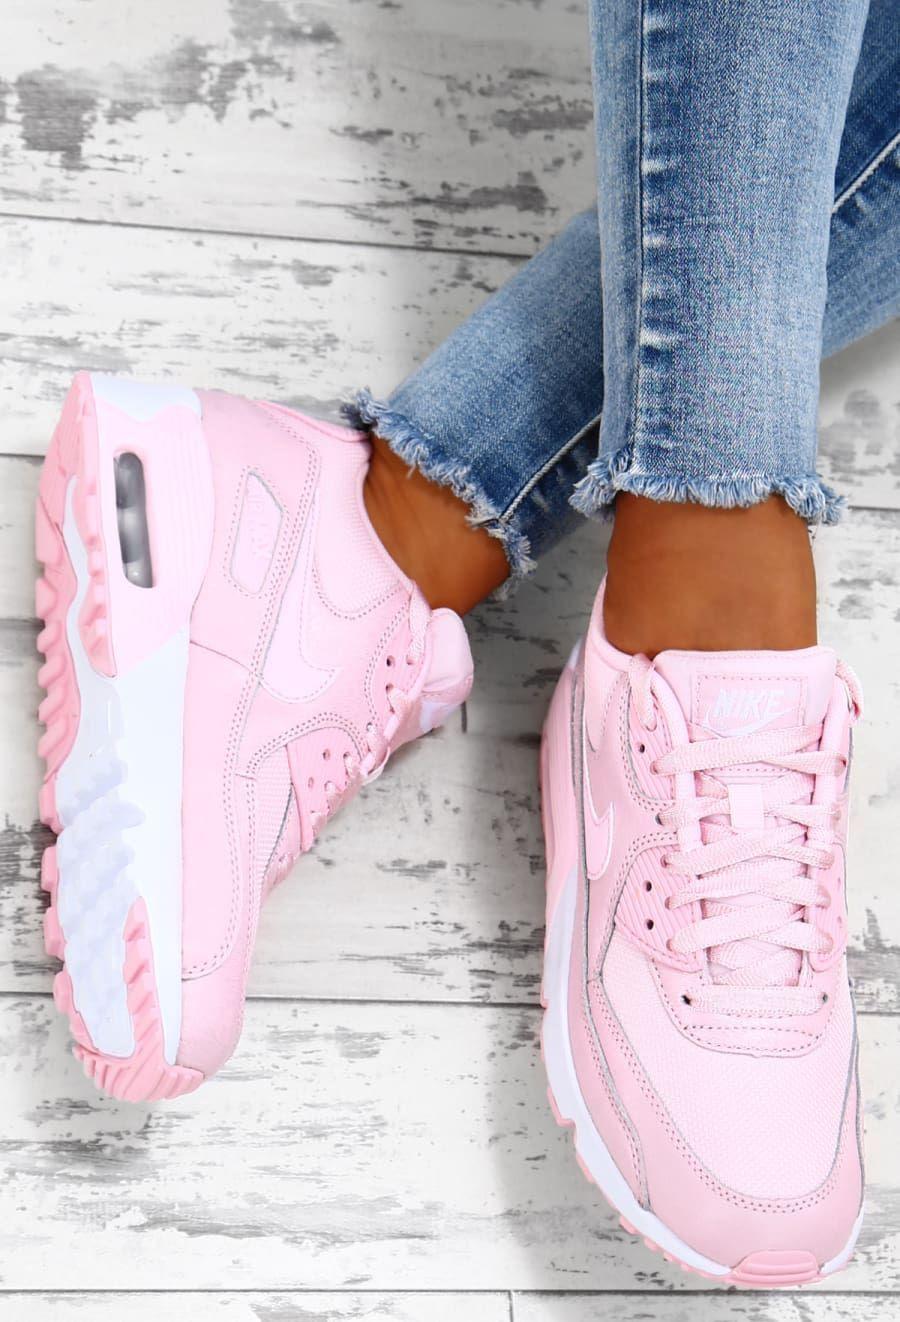 Pin de Heloísa em Shoes | Tenis, Roupas e Sapatos